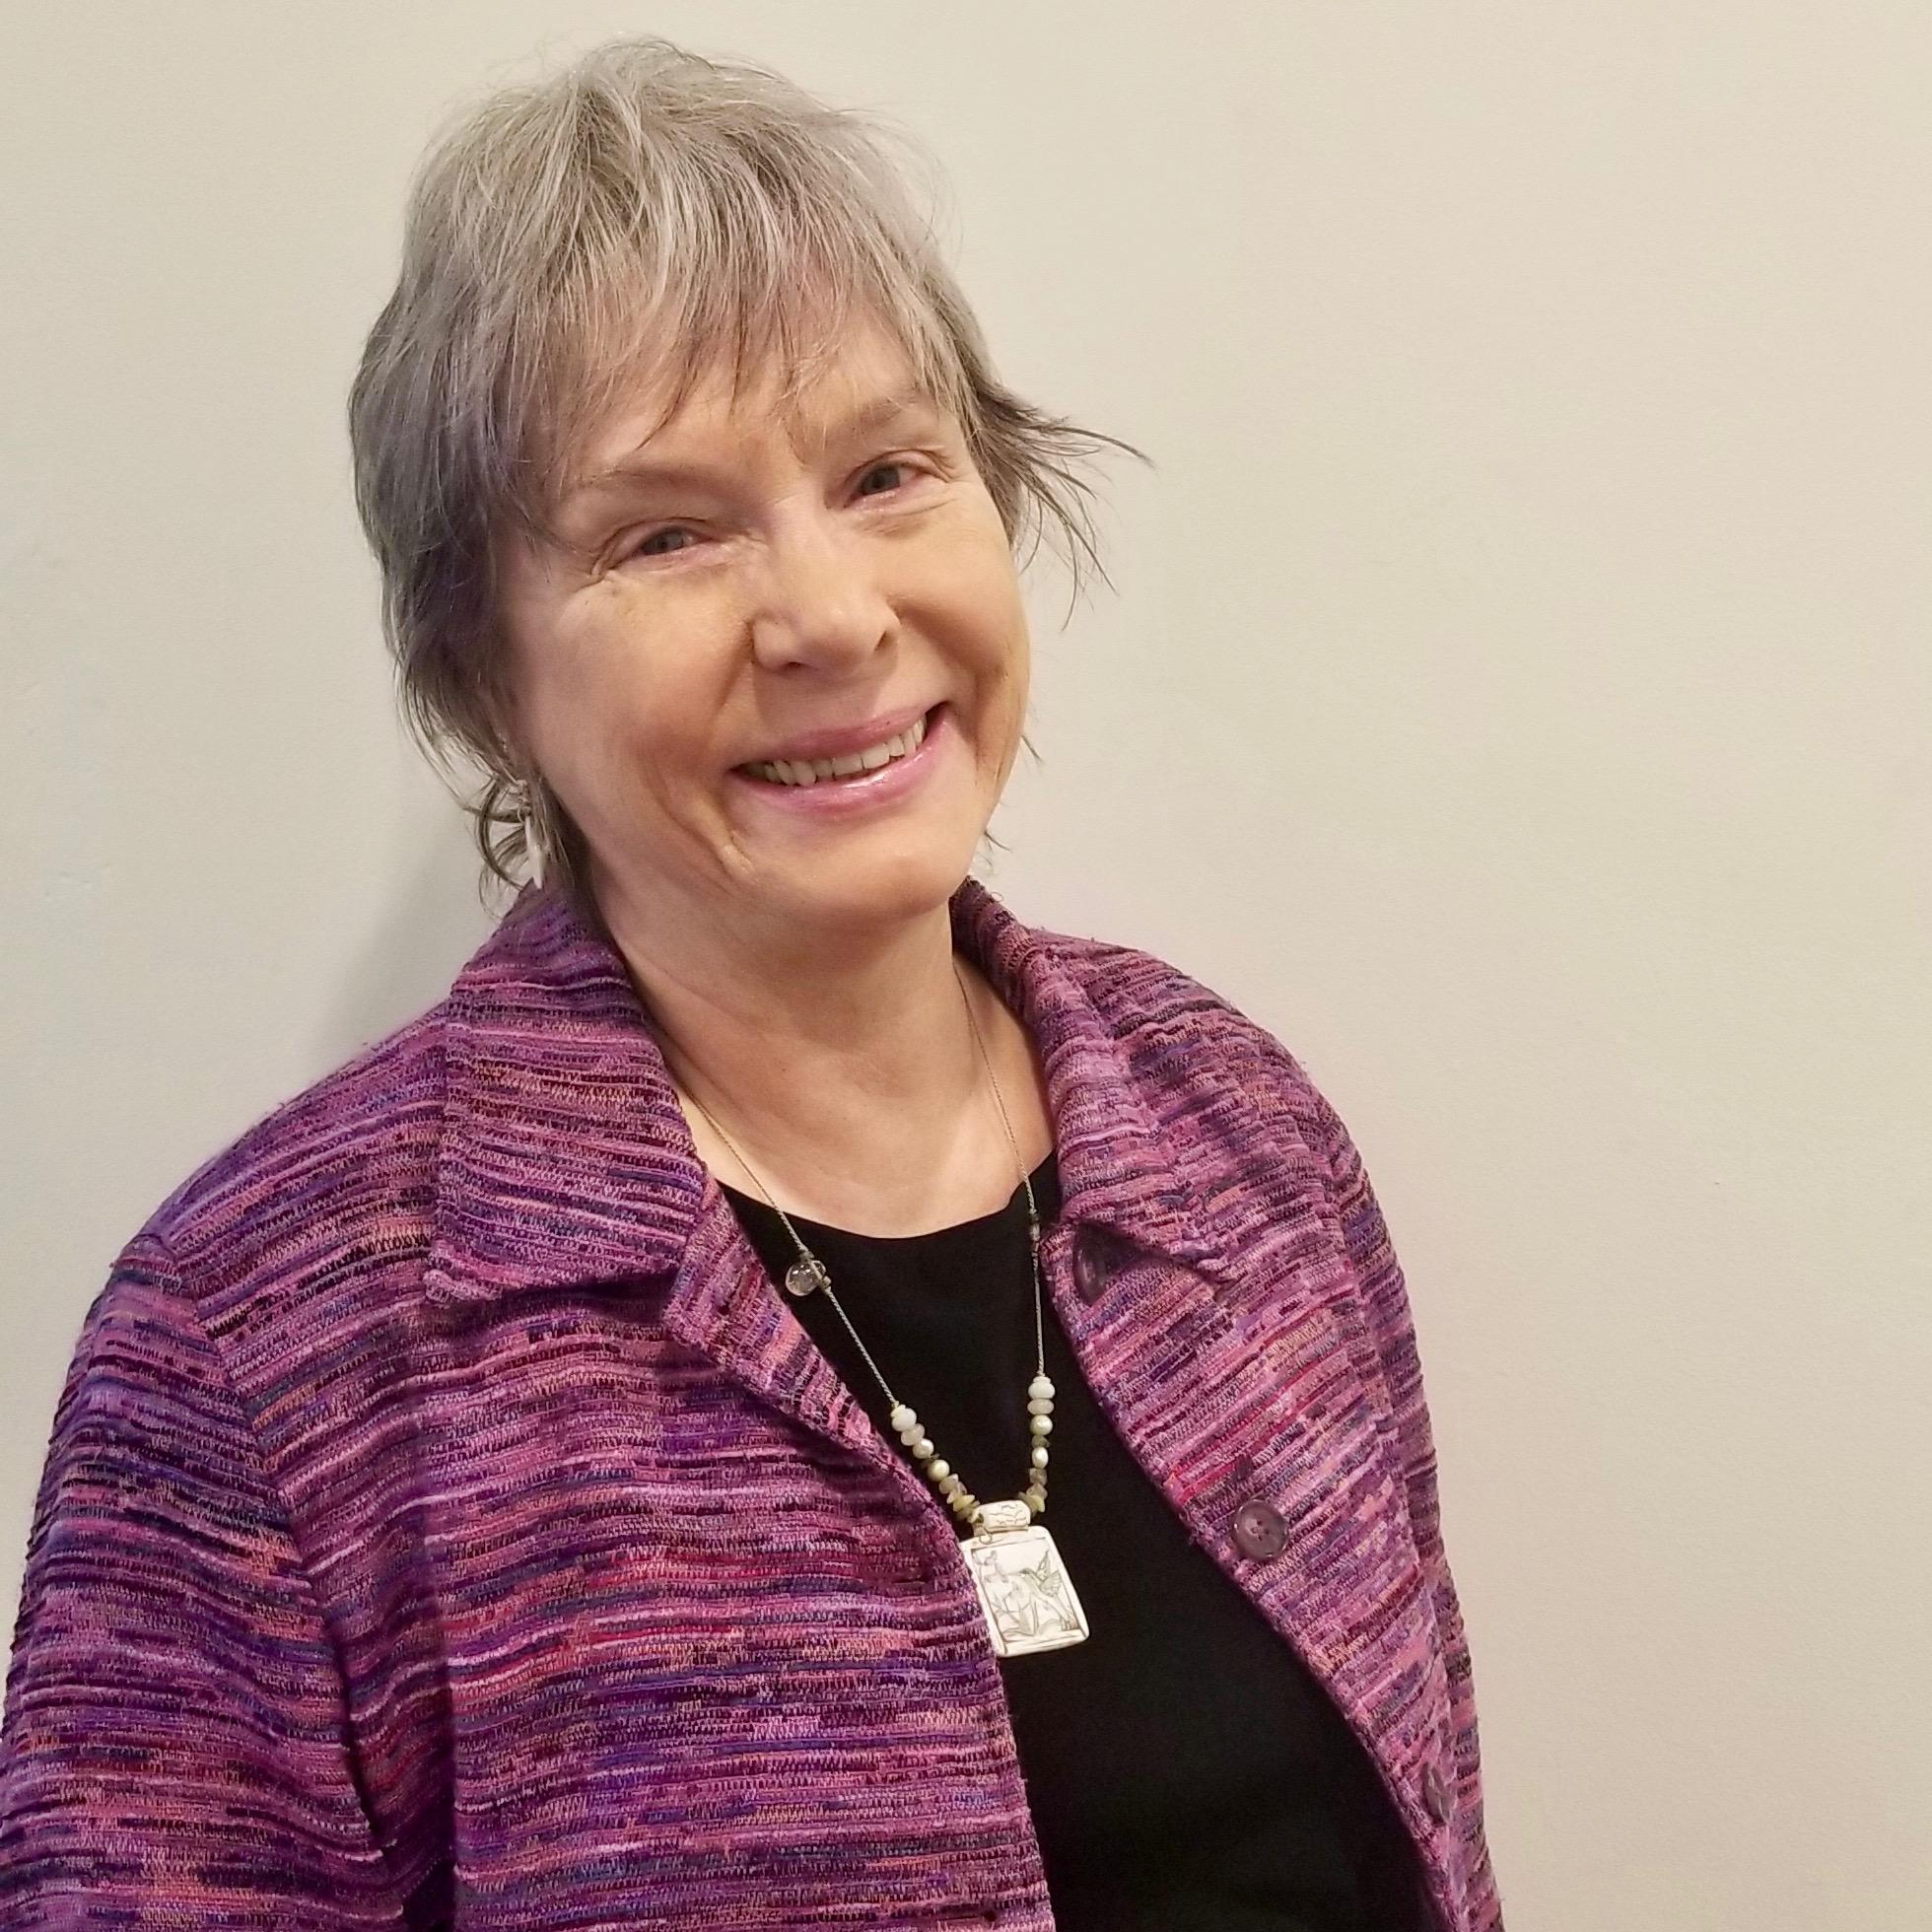 Susan Worley